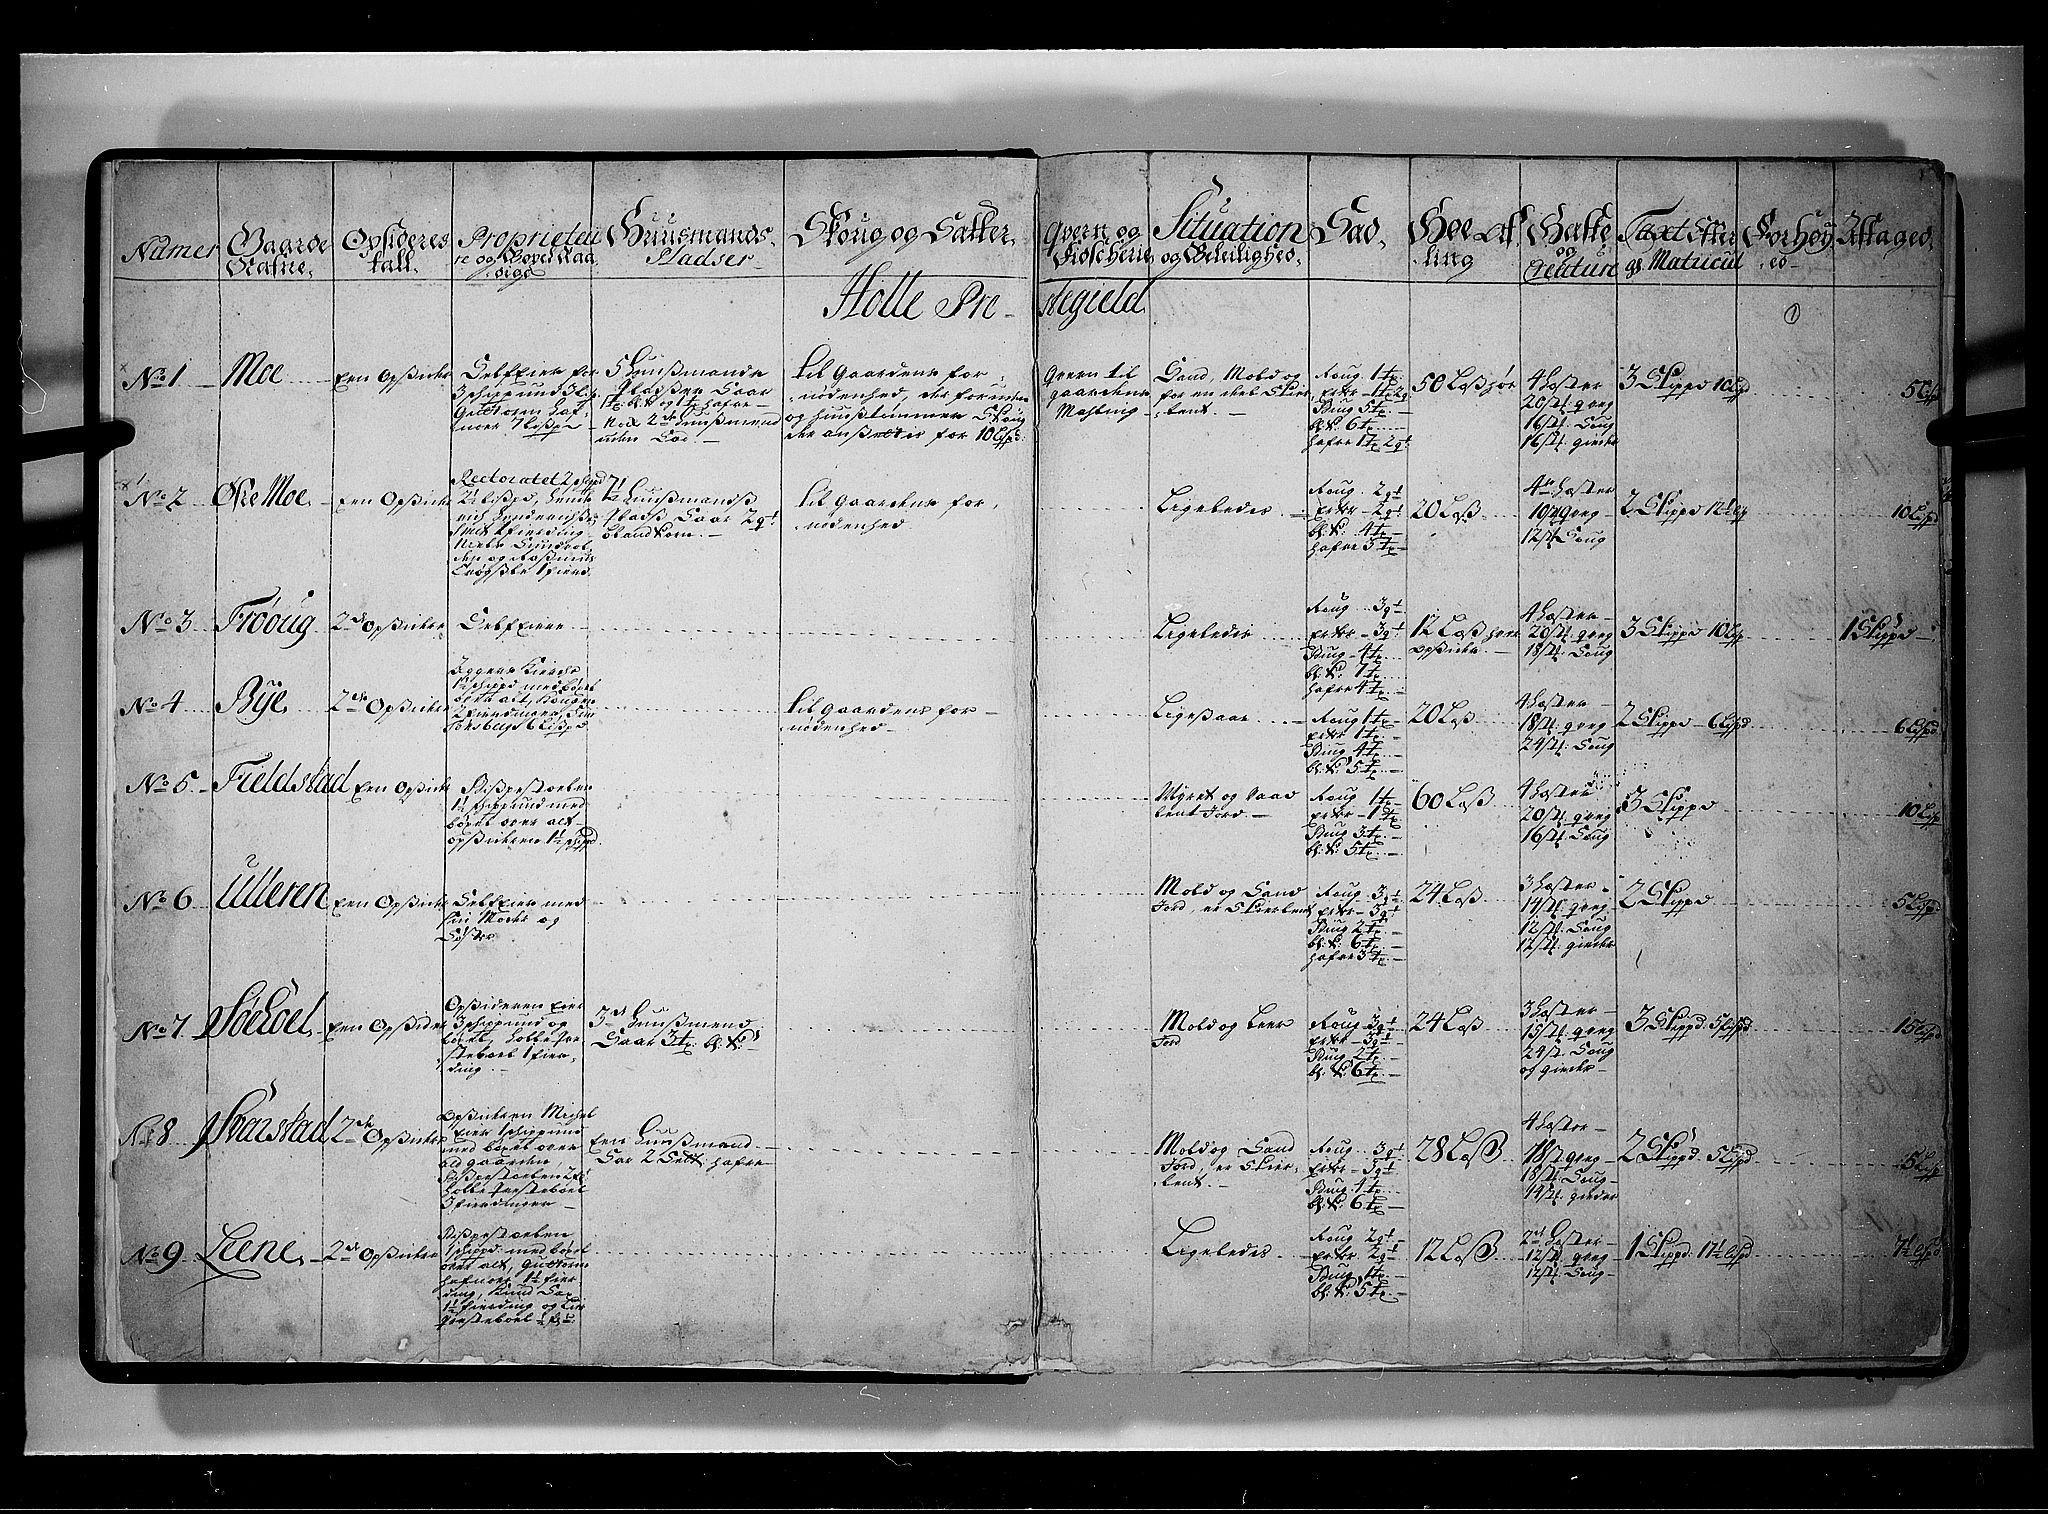 RA, Rentekammeret inntil 1814, Realistisk ordnet avdeling, N/Nb/Nbf/L0109: Ringerike og Hallingdal eksaminasjonsprotokoll, 1723, s. 1a